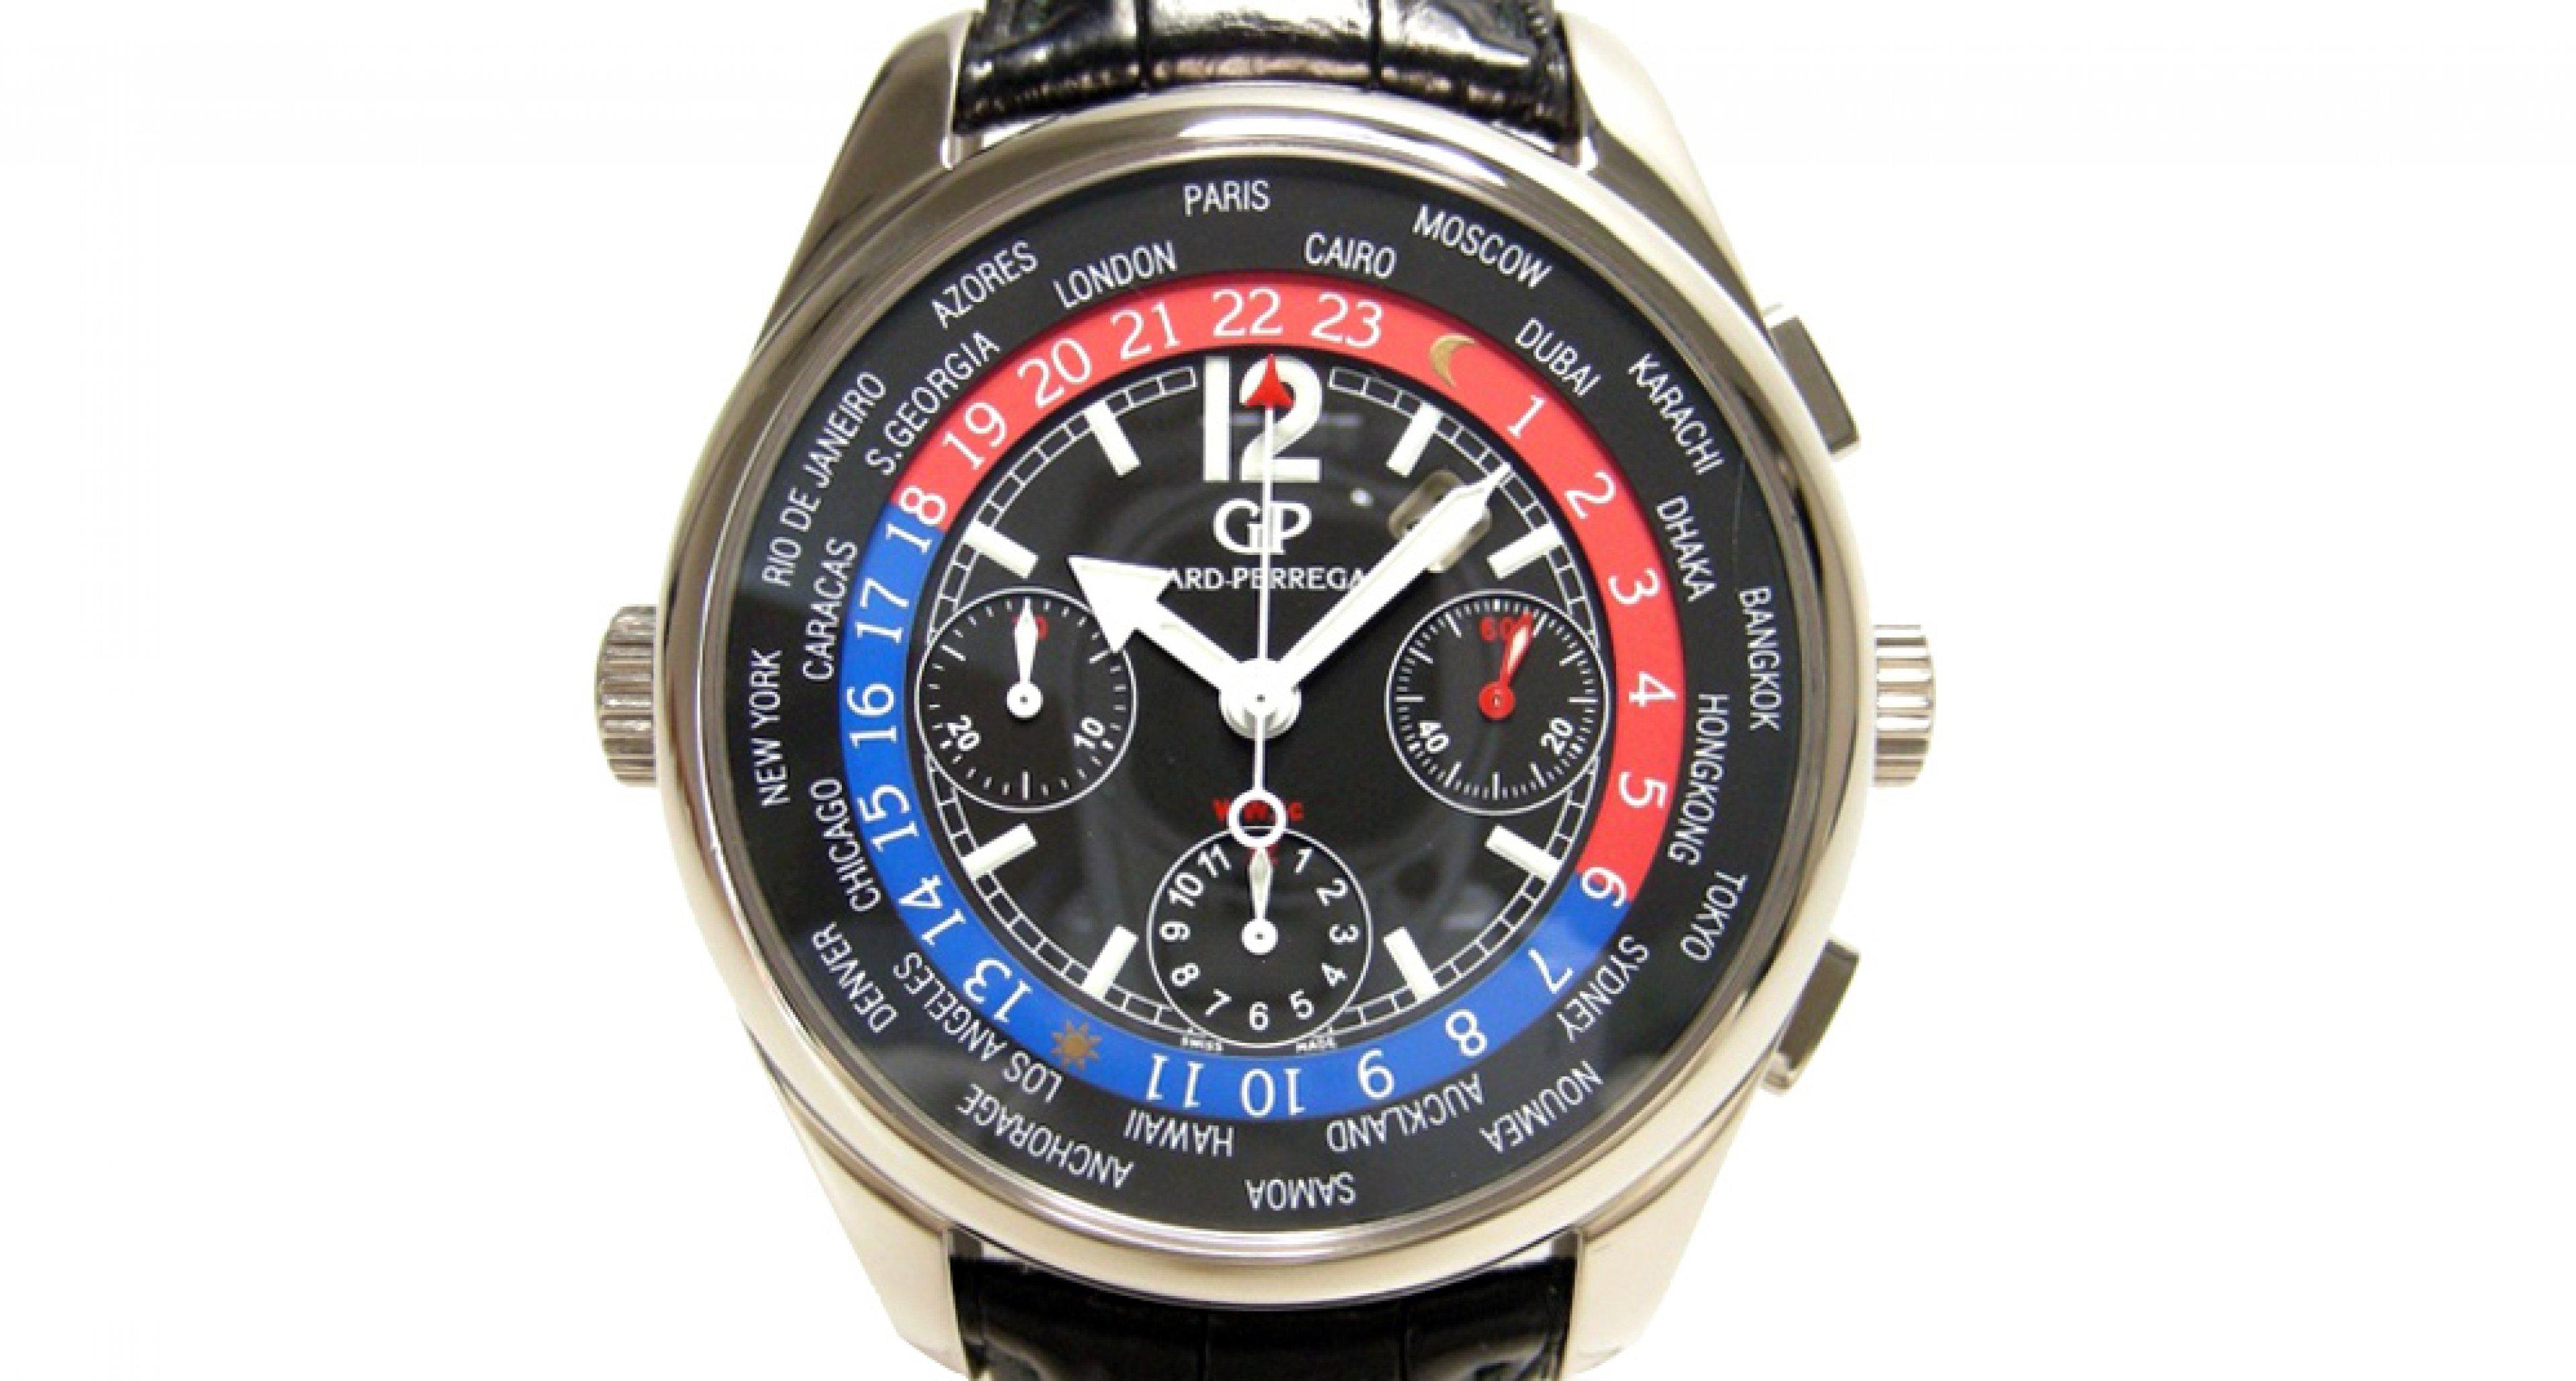 Girard-Perregaux - WW.TC World Time Chrono